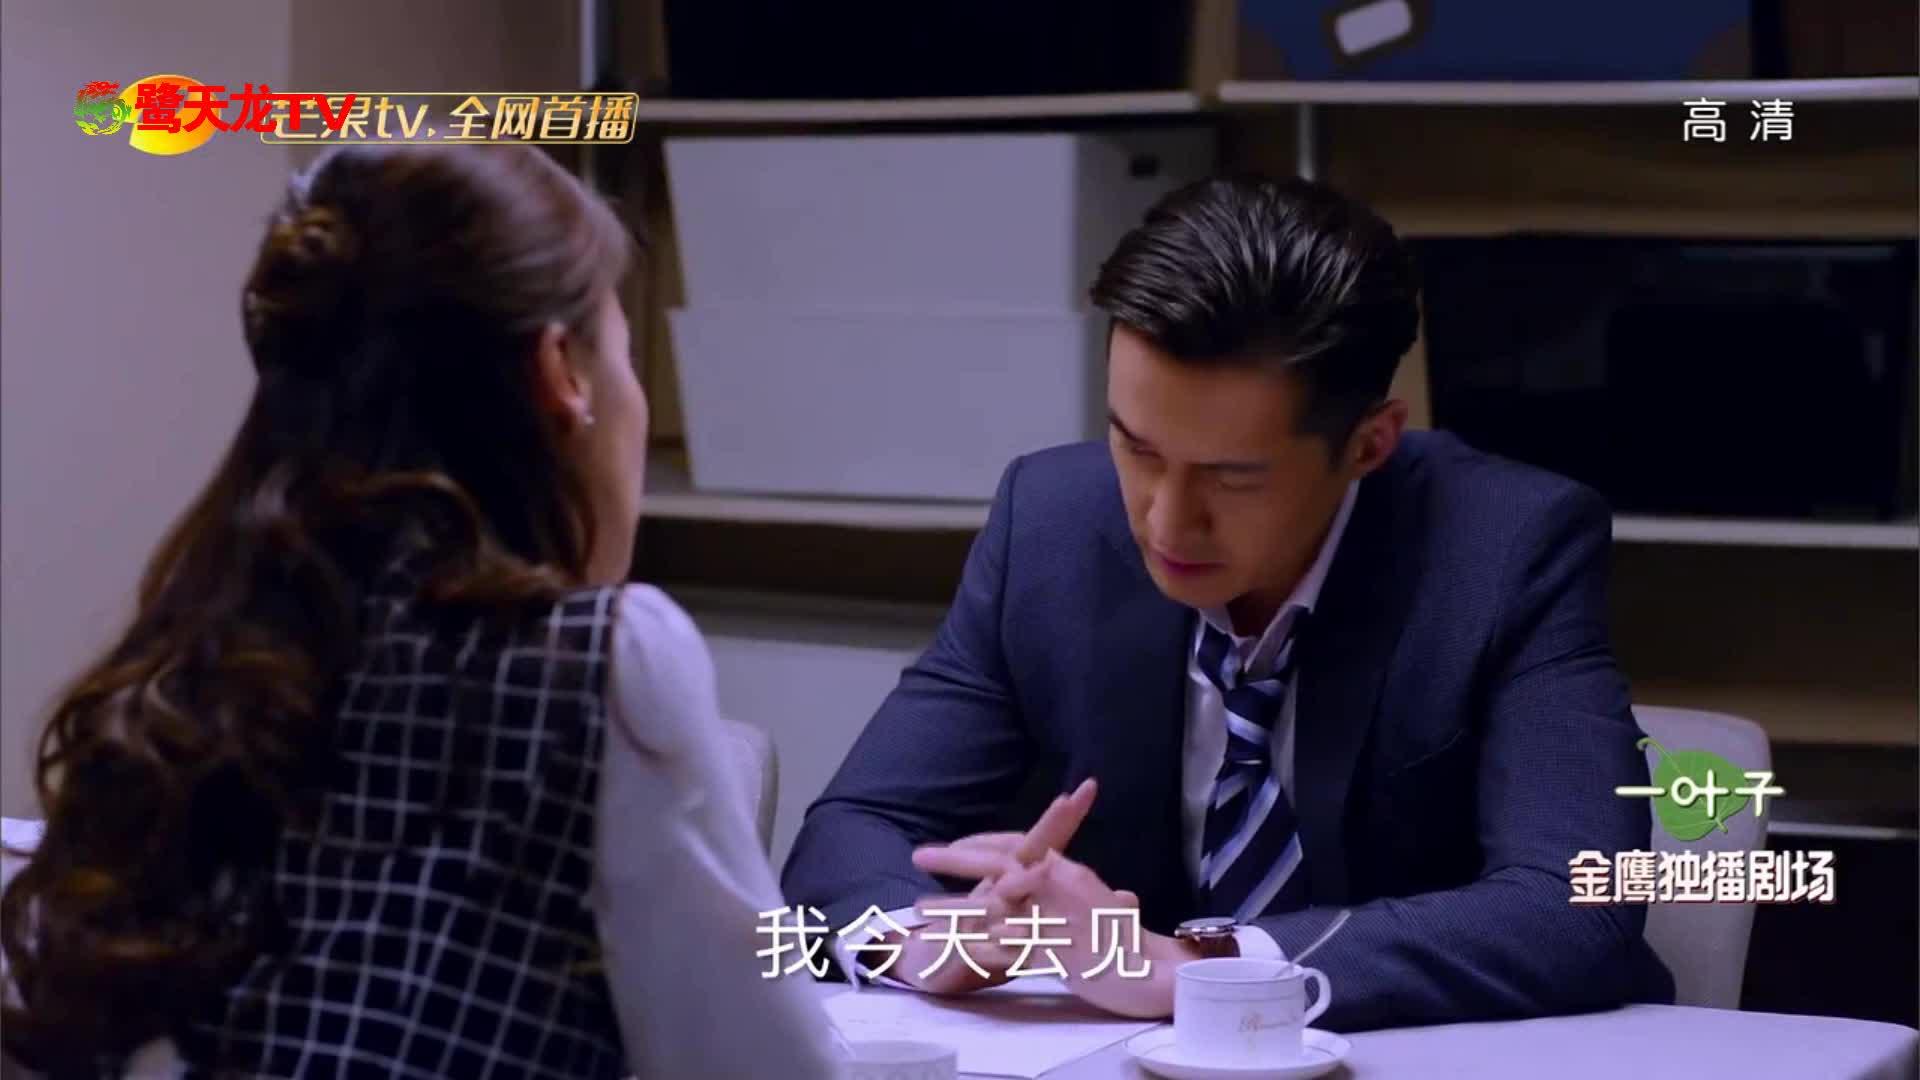 郑秋冬开启神推理 贾衣玫惊觉资料被泄